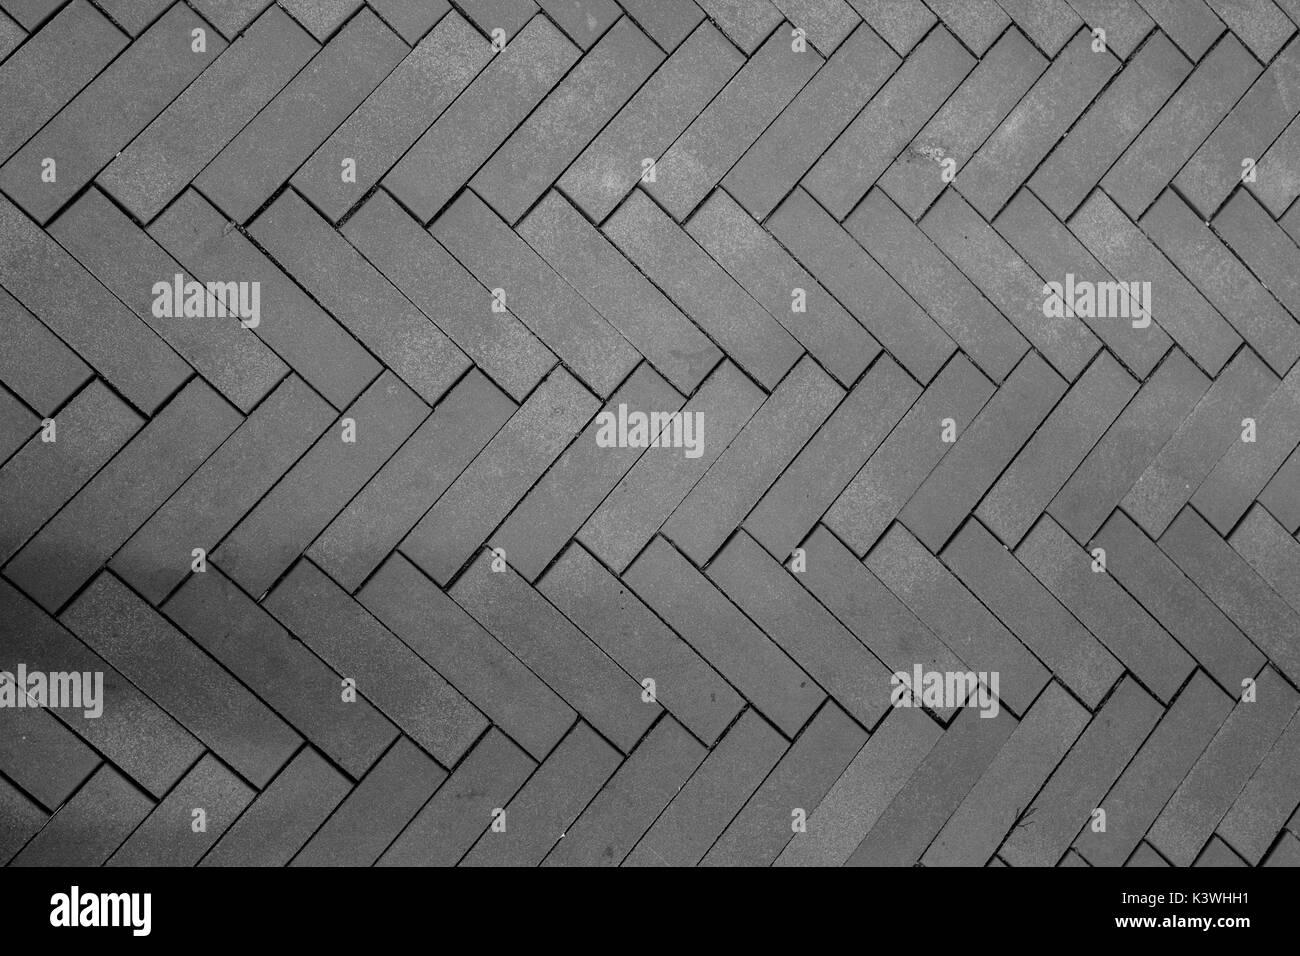 ziegelsteine in fischgrätmuster verlegt stockfoto, bild: 157299885